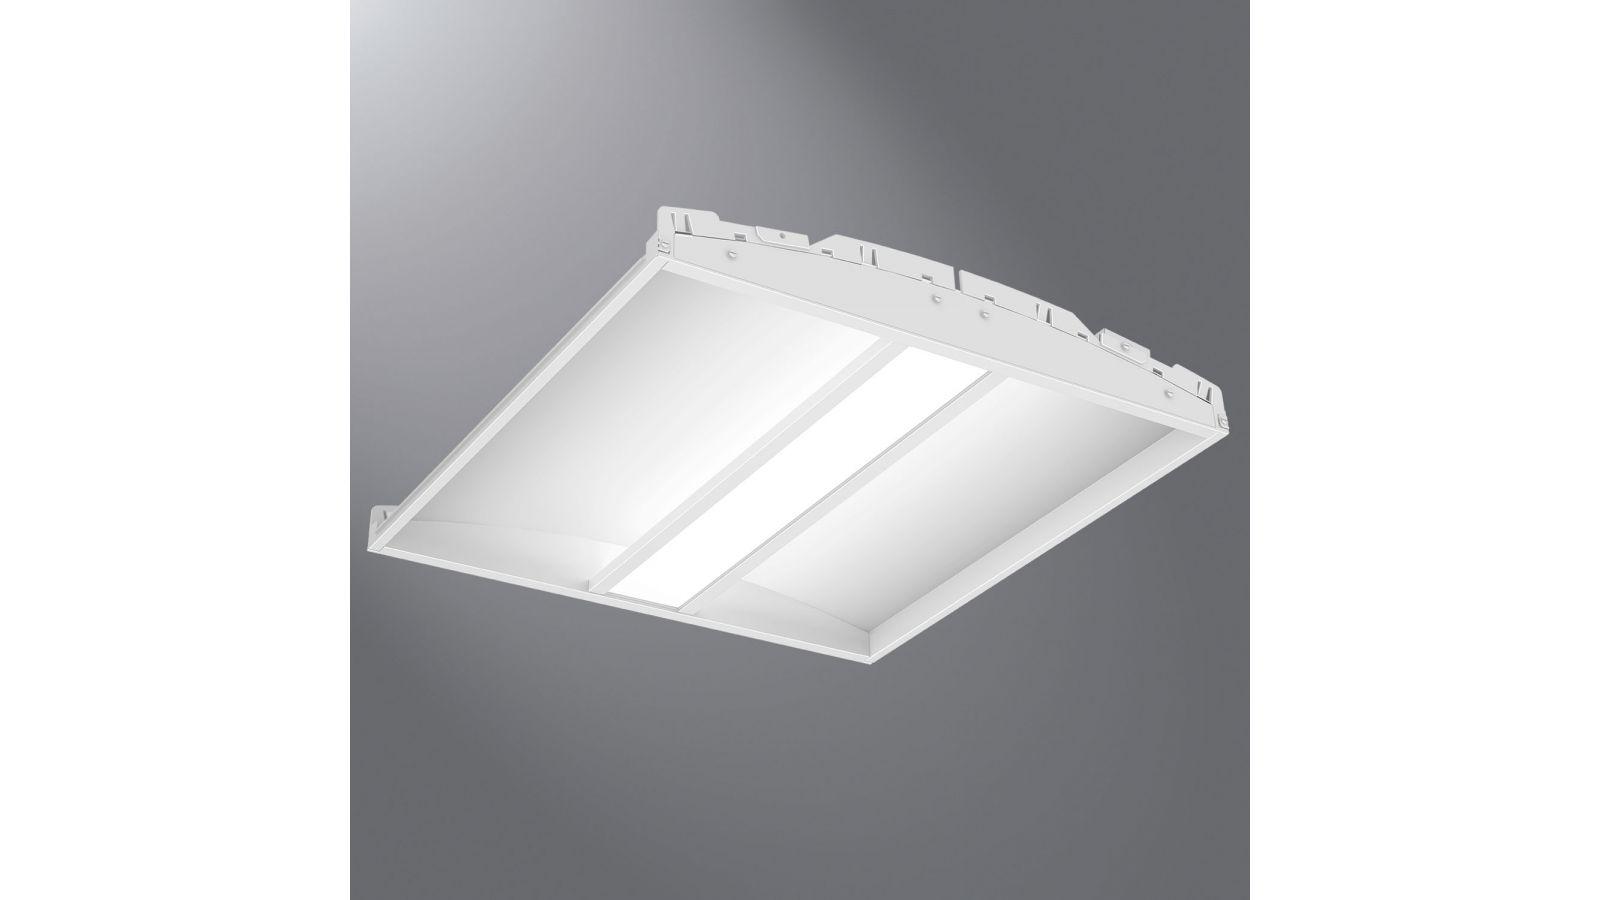 Corelite Bridge™ LED Recessed Luminaire